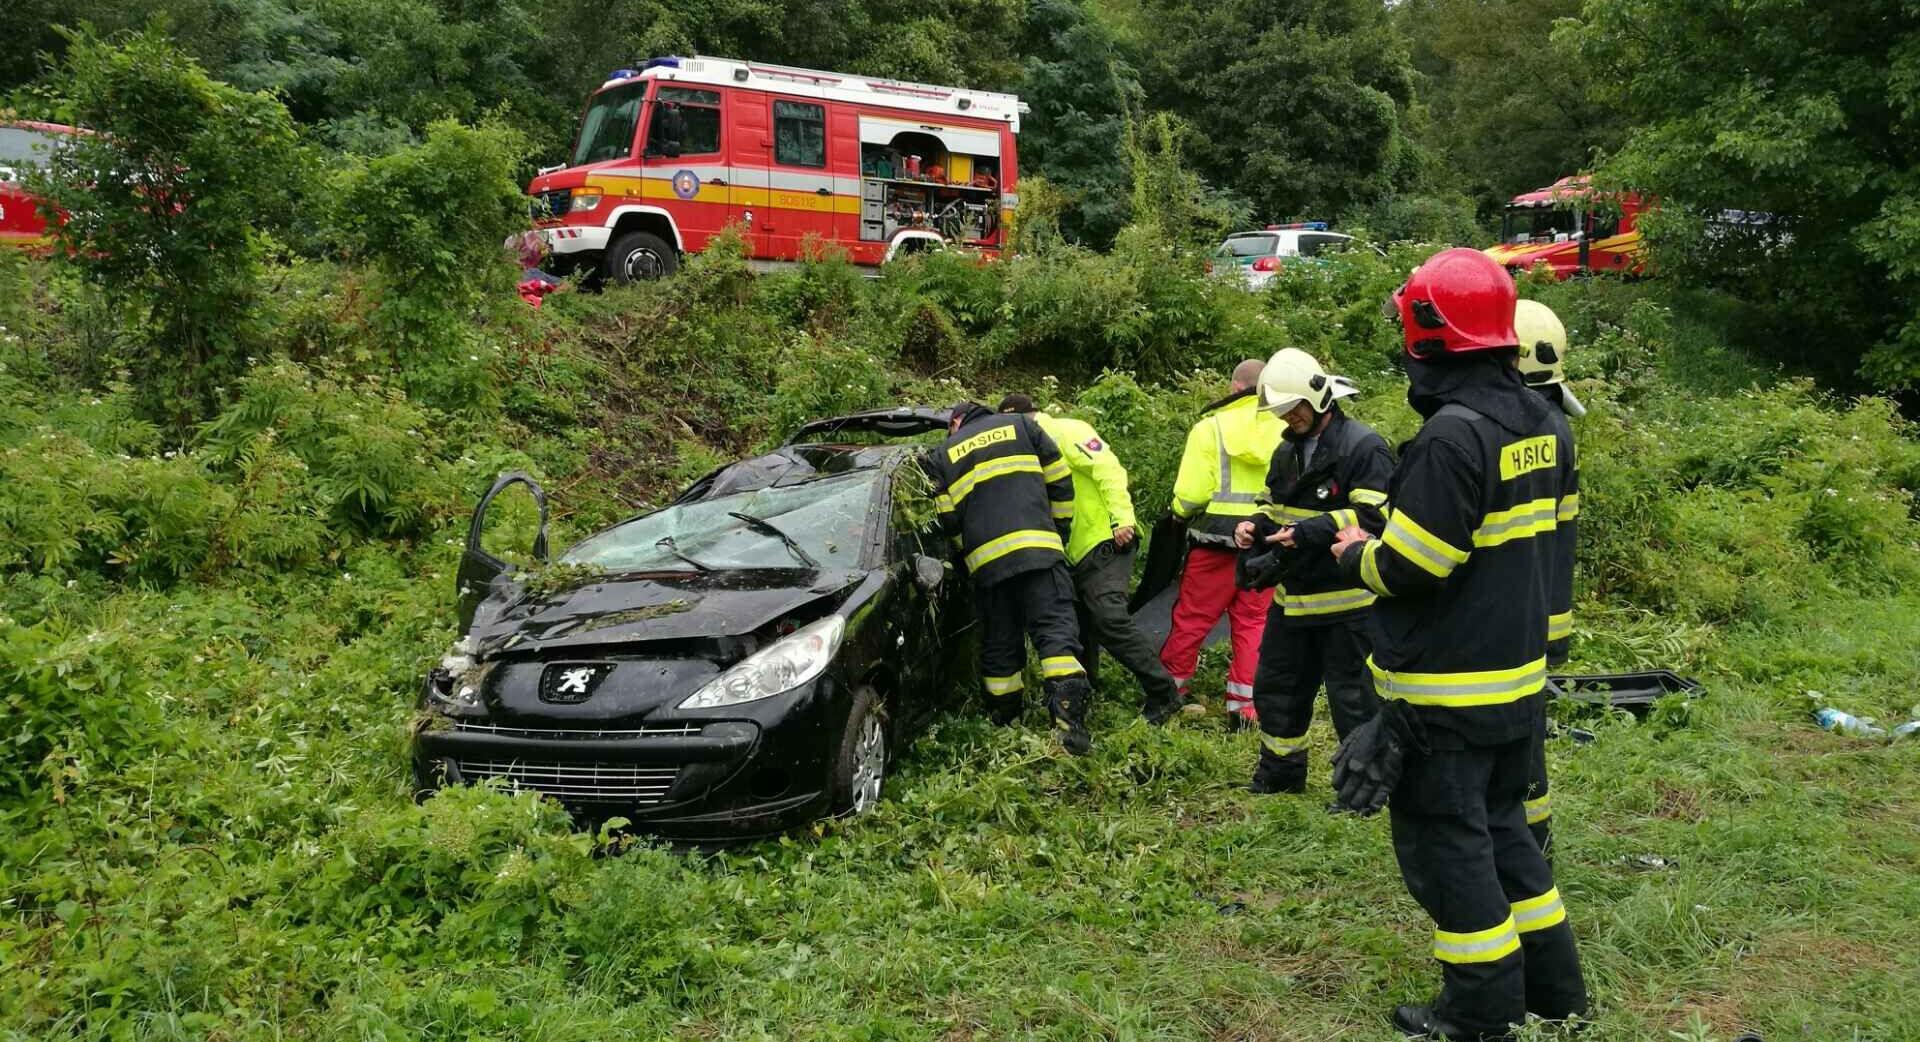 Prvá pomoc na slovenských cestách, vieme ju v prípade potreby poskytnúť?